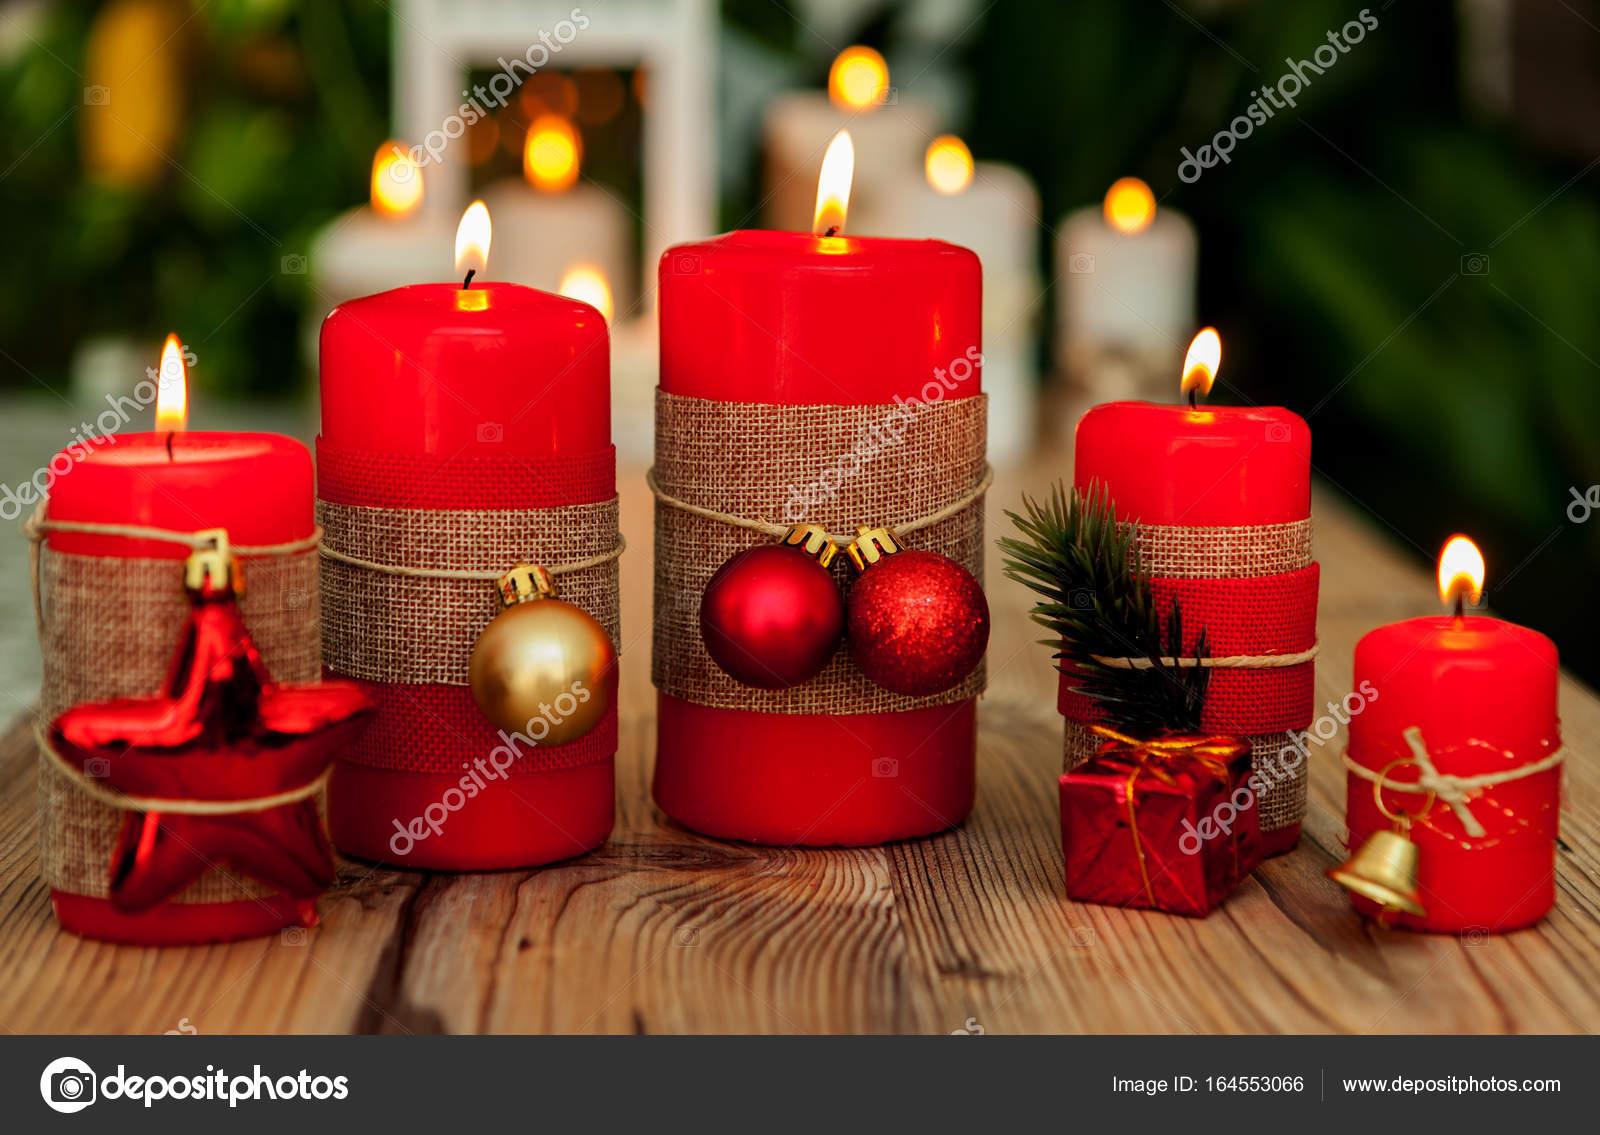 Adornos navidenos con velas rojas